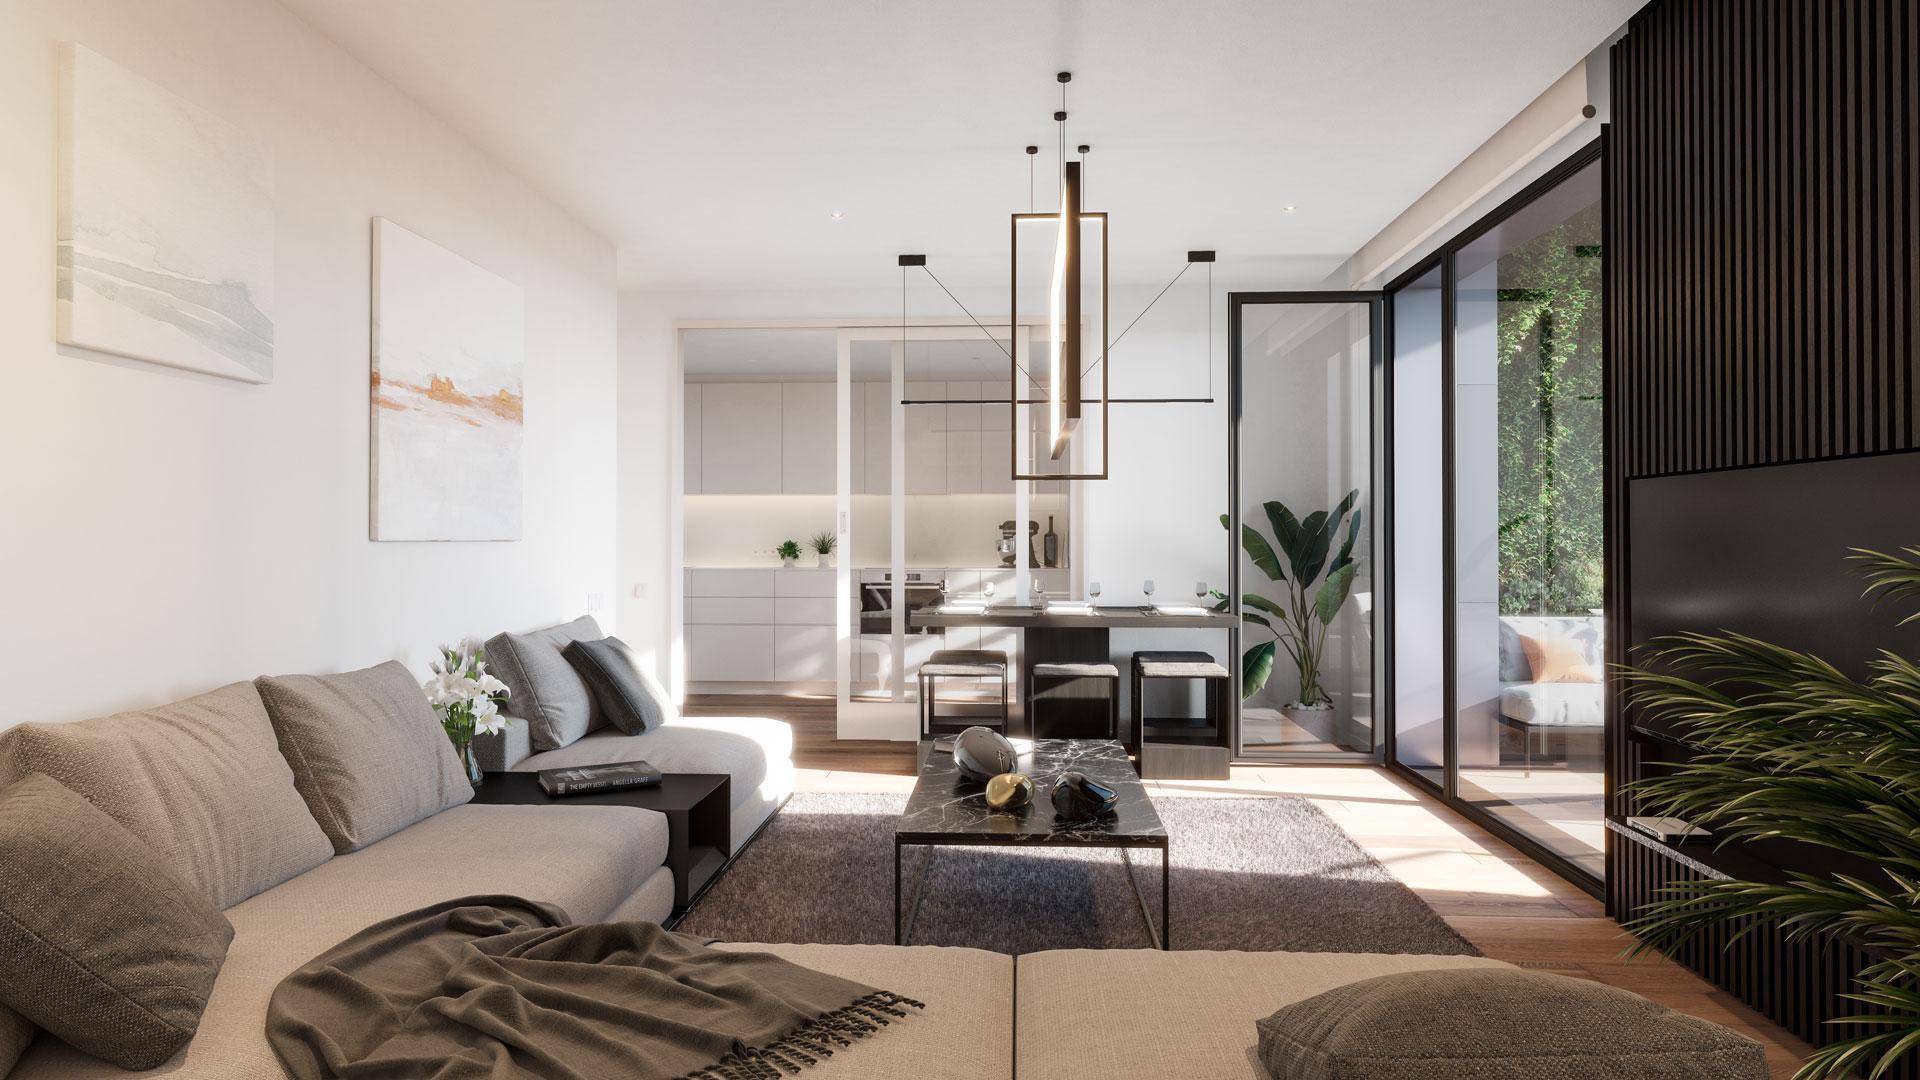 3-bedroom residence living room.